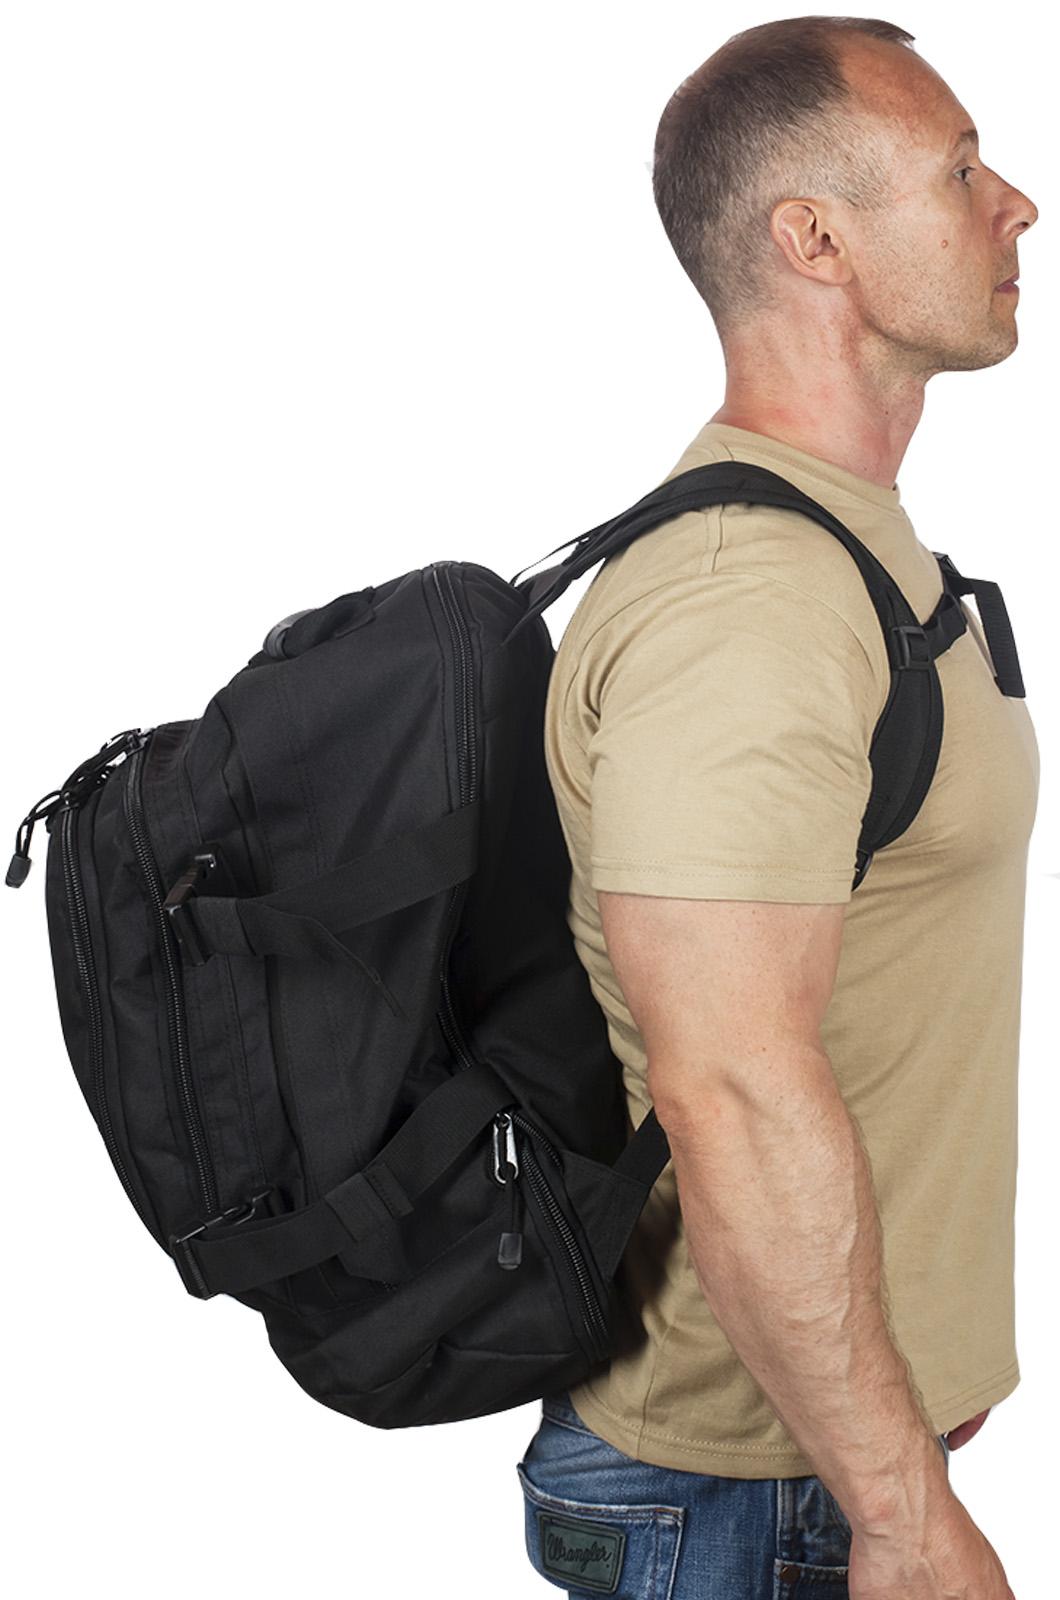 Черный рюкзак универсального назначения 3-Day Expandable Backpack 08002B Black с доставкой